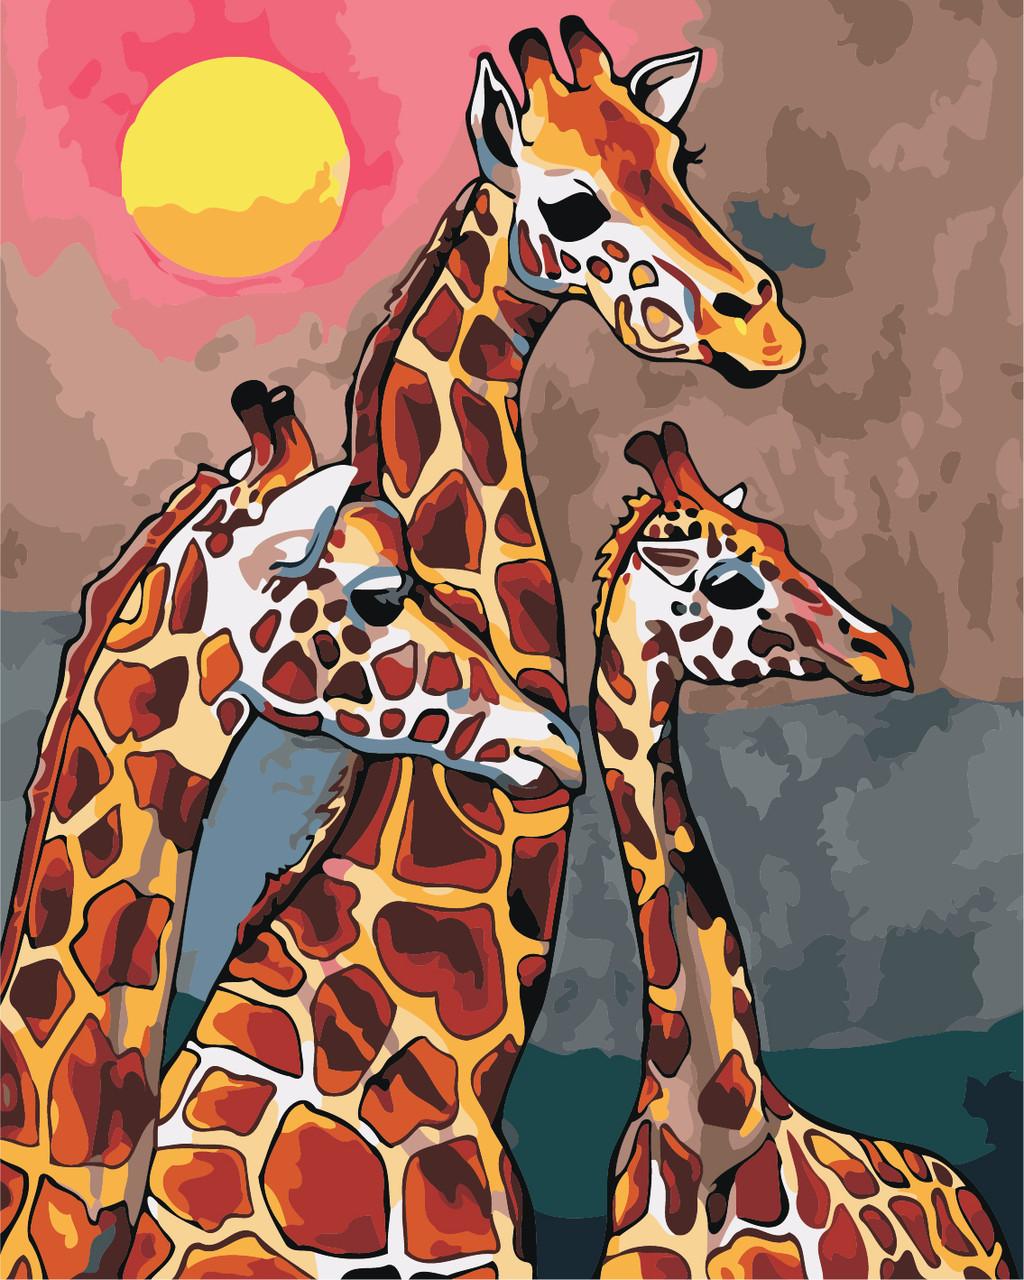 Художественный творческий набор, картина по номерам Семья жирафов, 40x50 см, «Art Story» (AS0869)